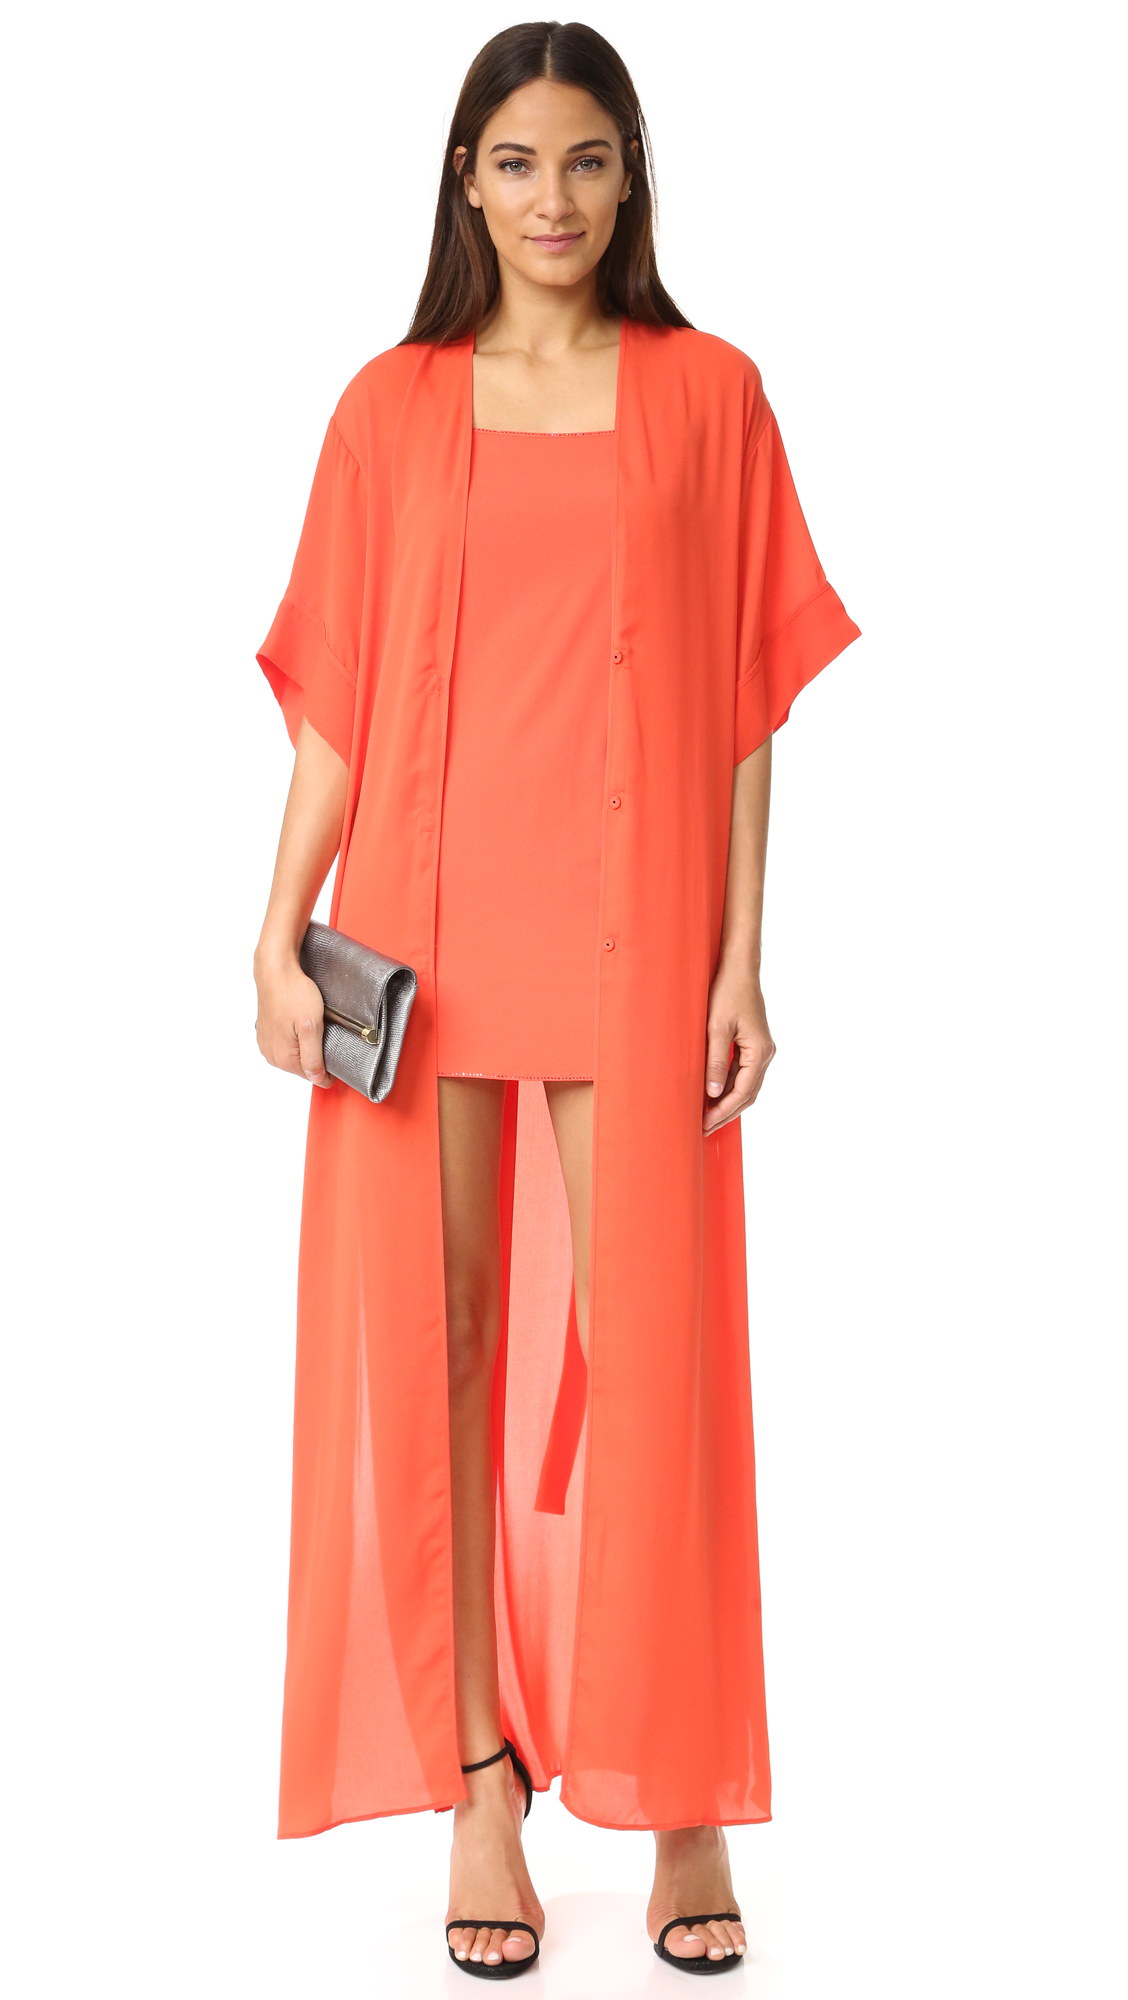 Halston Kimono Gown Shopbop